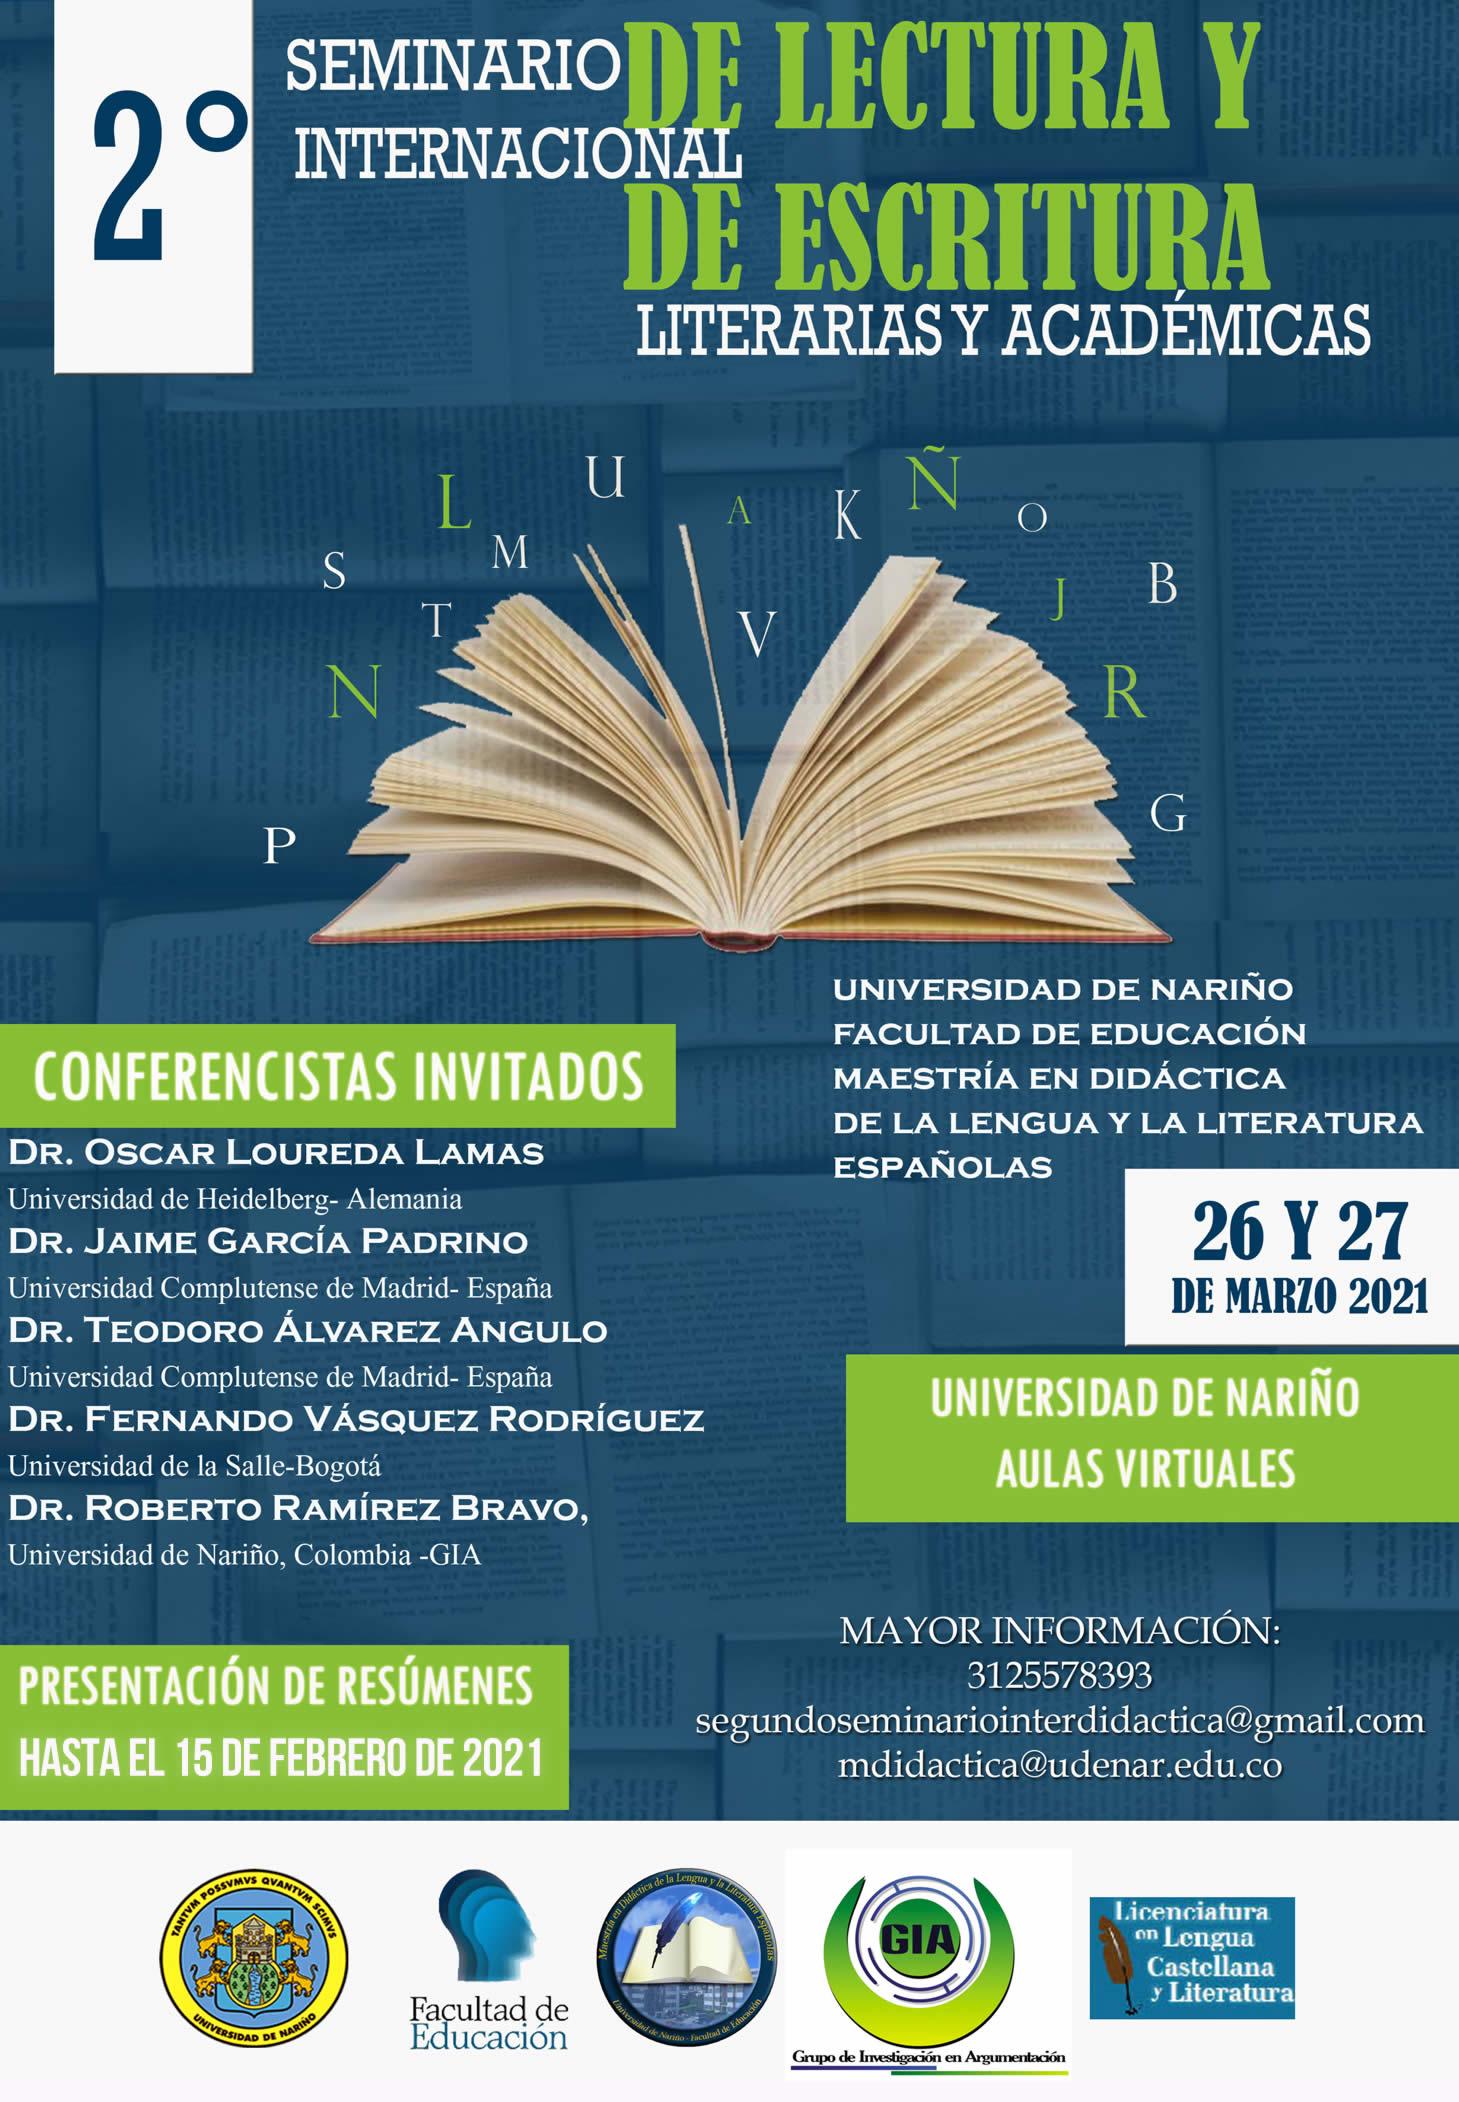 2 seminario internacional lectura escritura 2021